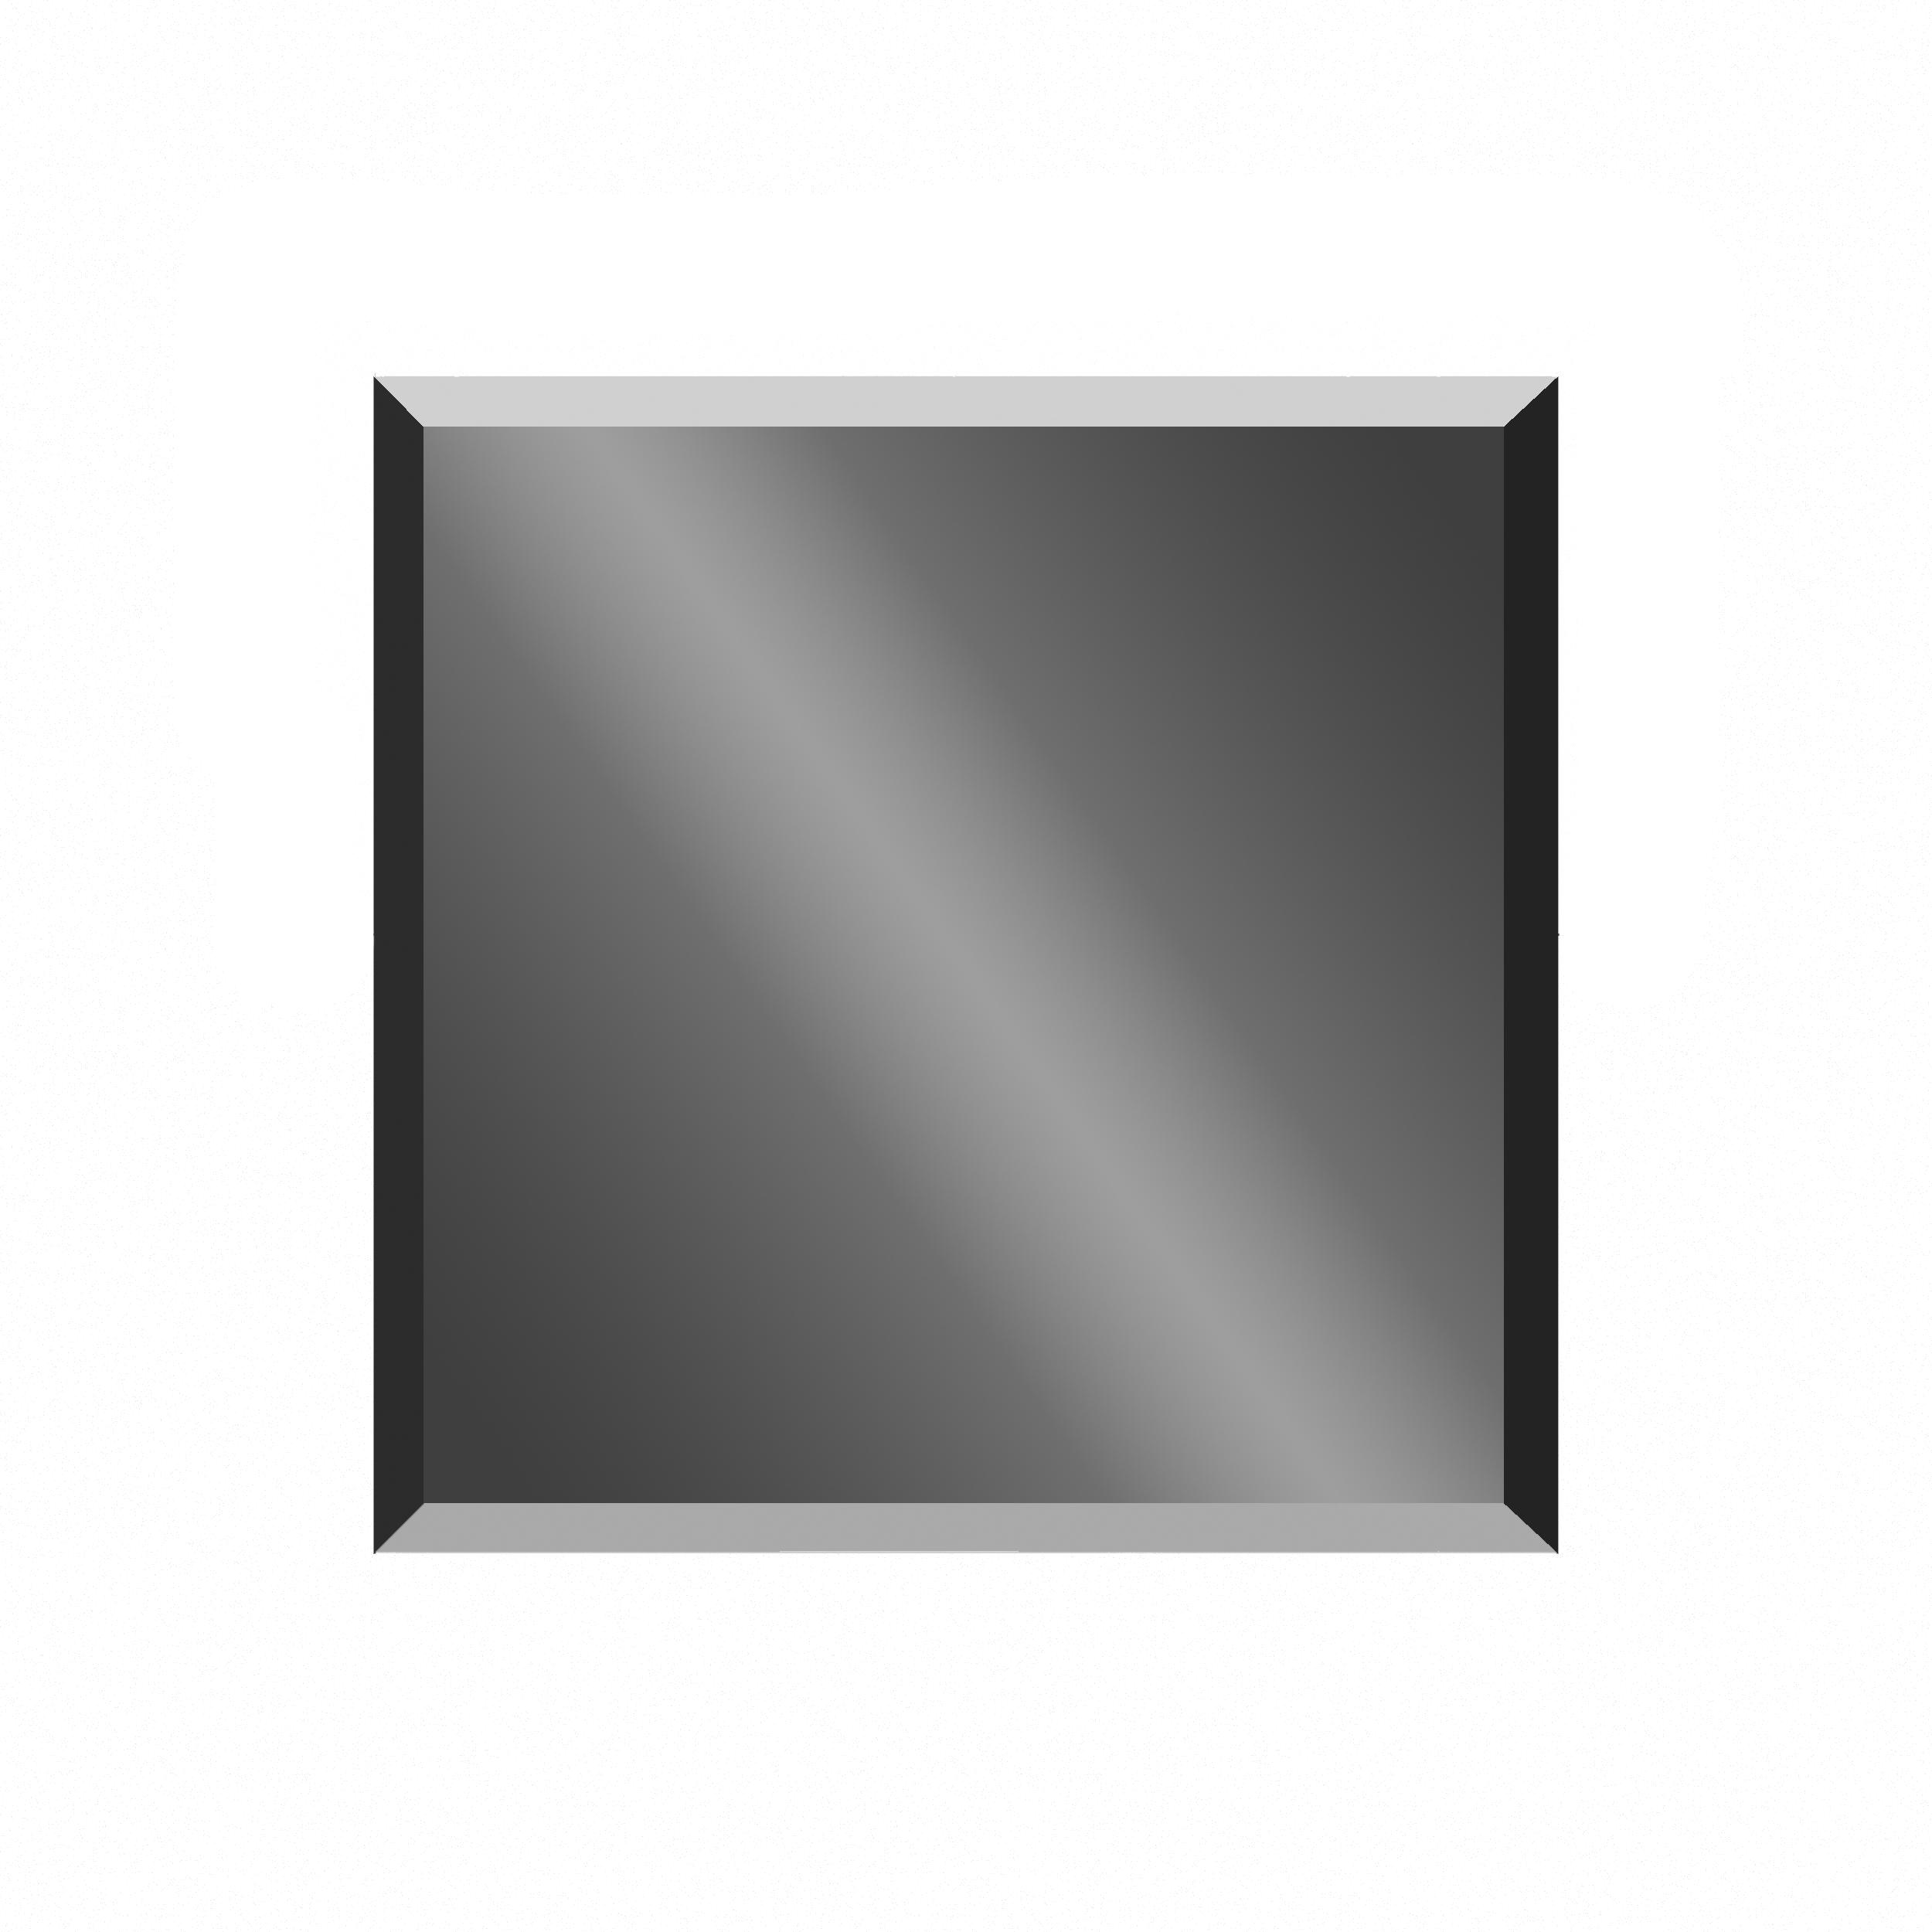 آینه تجسم کد M195